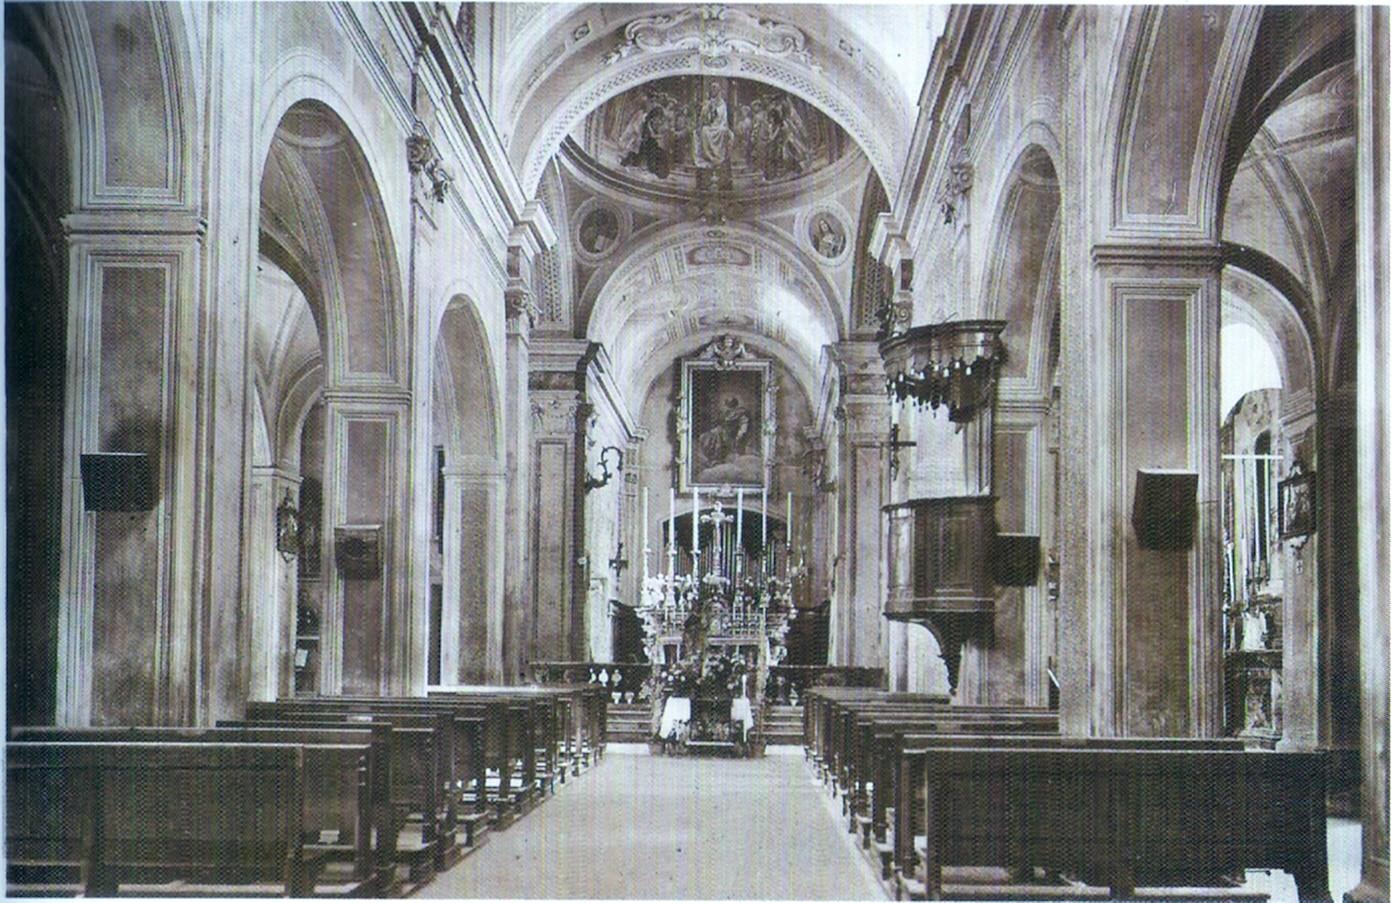 Una veduta interna della chiesa risalente ai primi anni del Novecento.